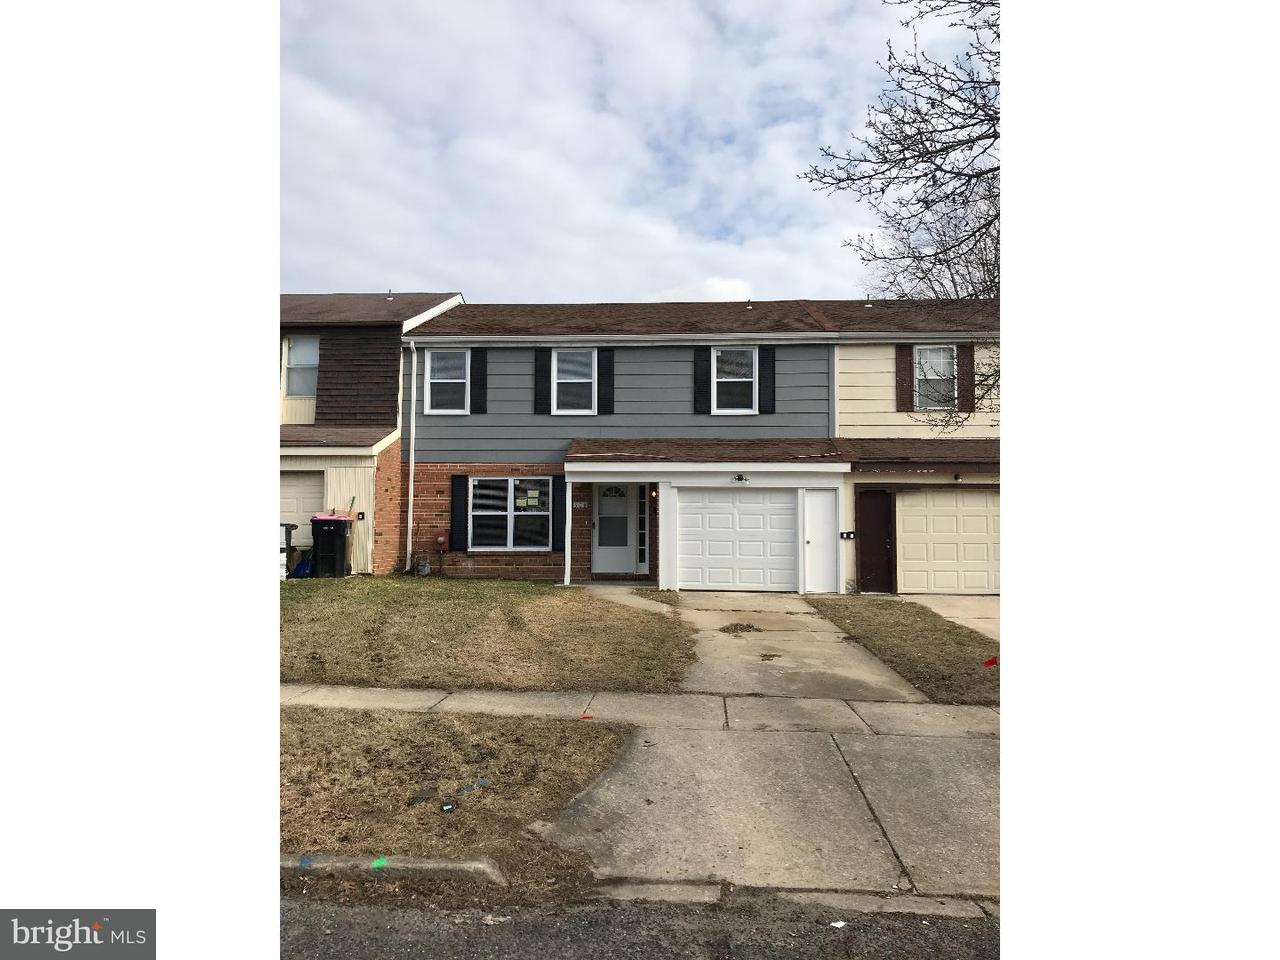 Casa unifamiliar adosada (Townhouse) por un Alquiler en 504 WINDING WAY Clementon, Nueva Jersey 08021 Estados Unidos